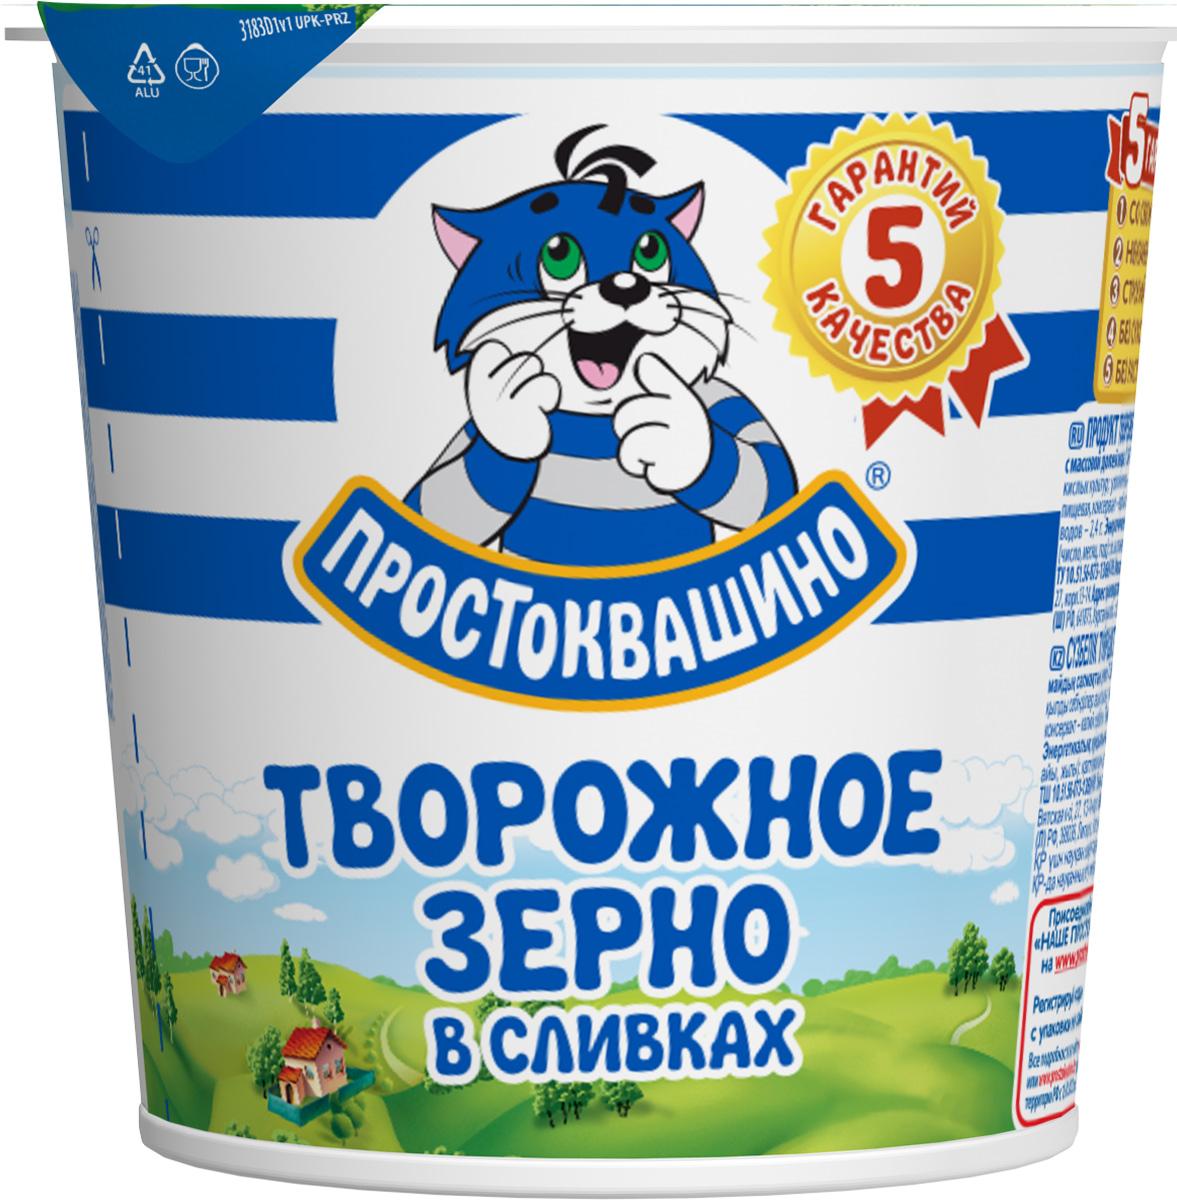 Простоквашино Продукт творожный зерненый 7%, 350 г простоквашино сырок глазированный клубника 20% 40 г